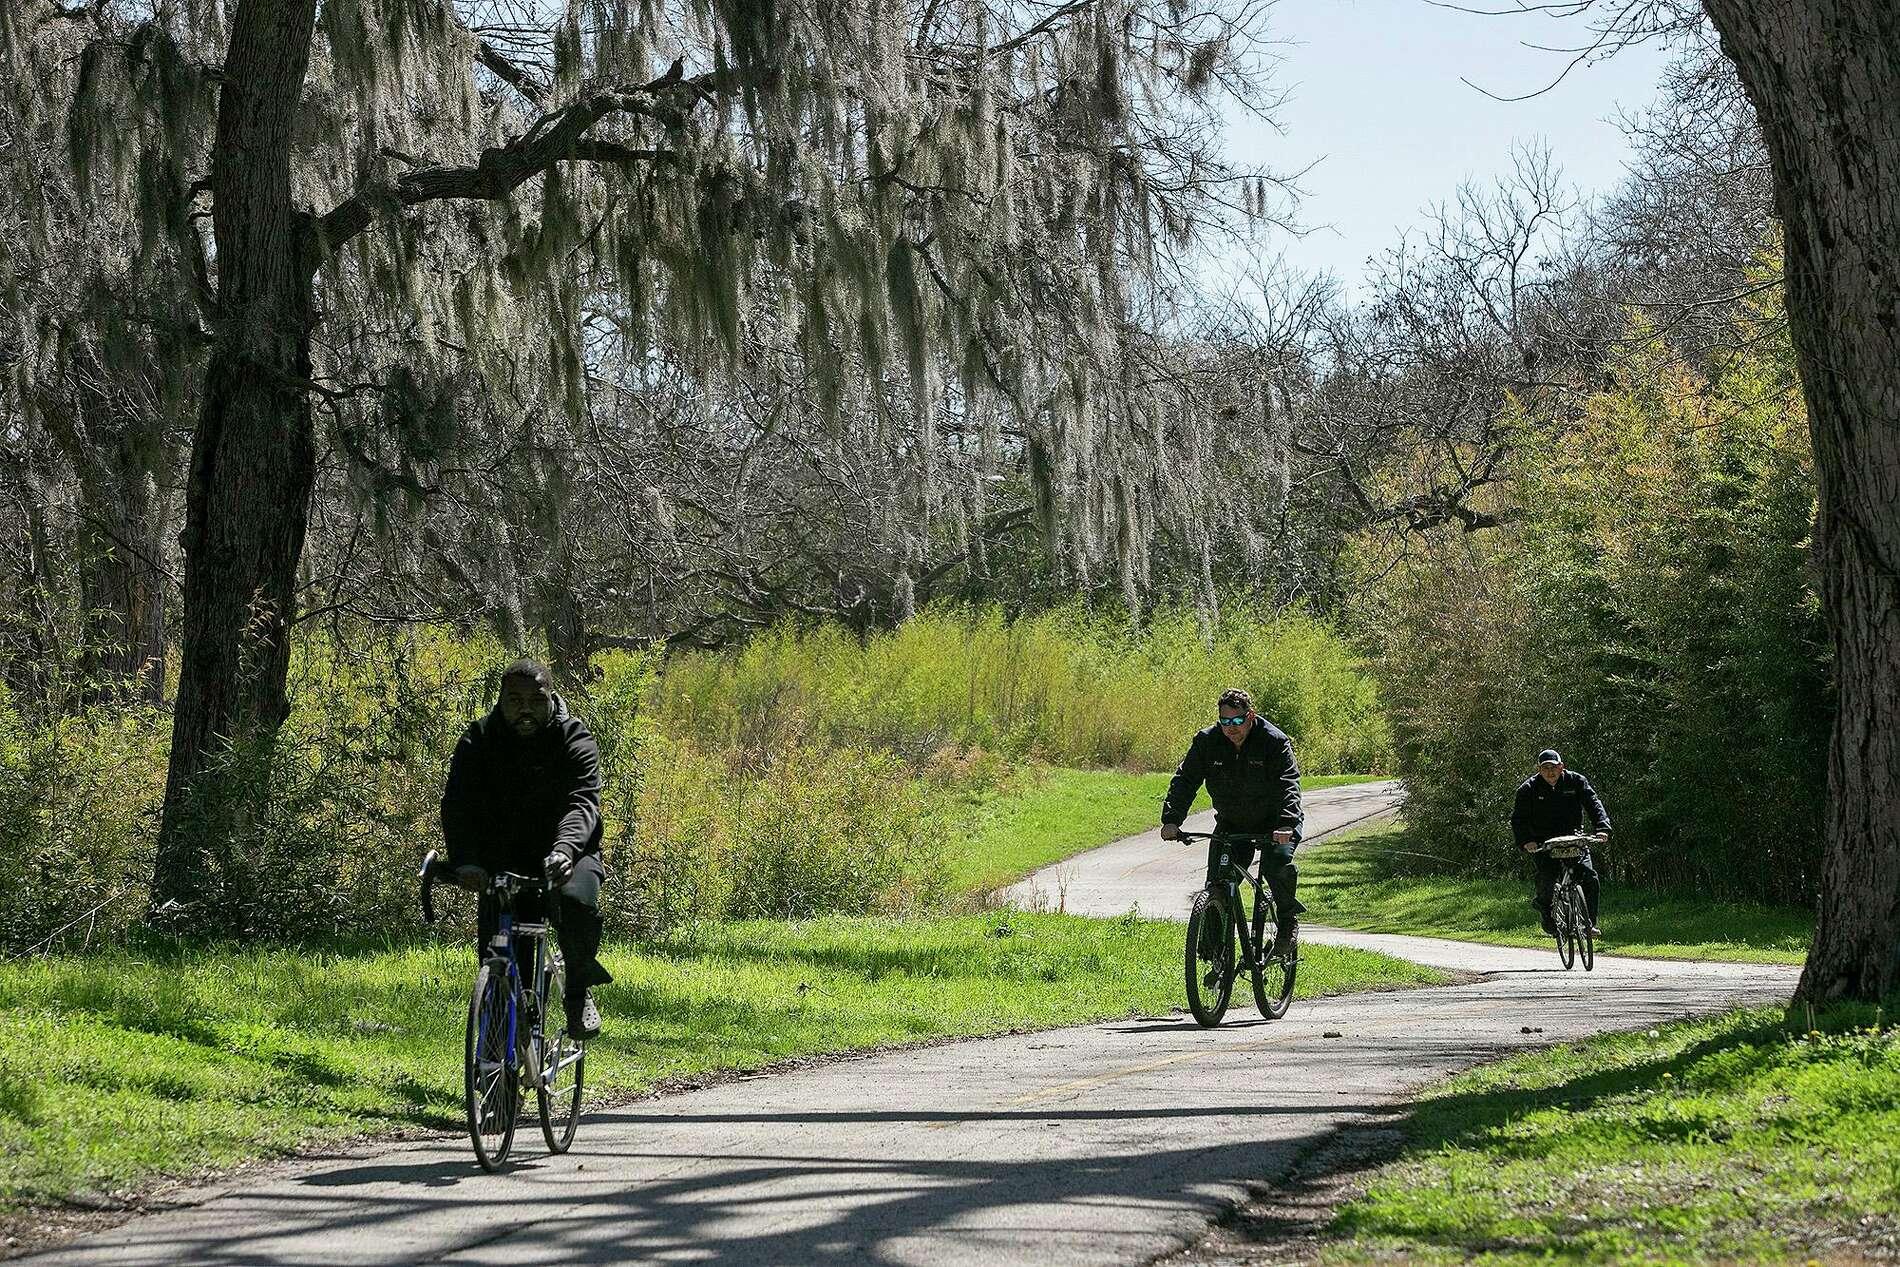 Greenway trails survey explores idea of 'dark-hour usage' as San Antonio becomes cycling destination